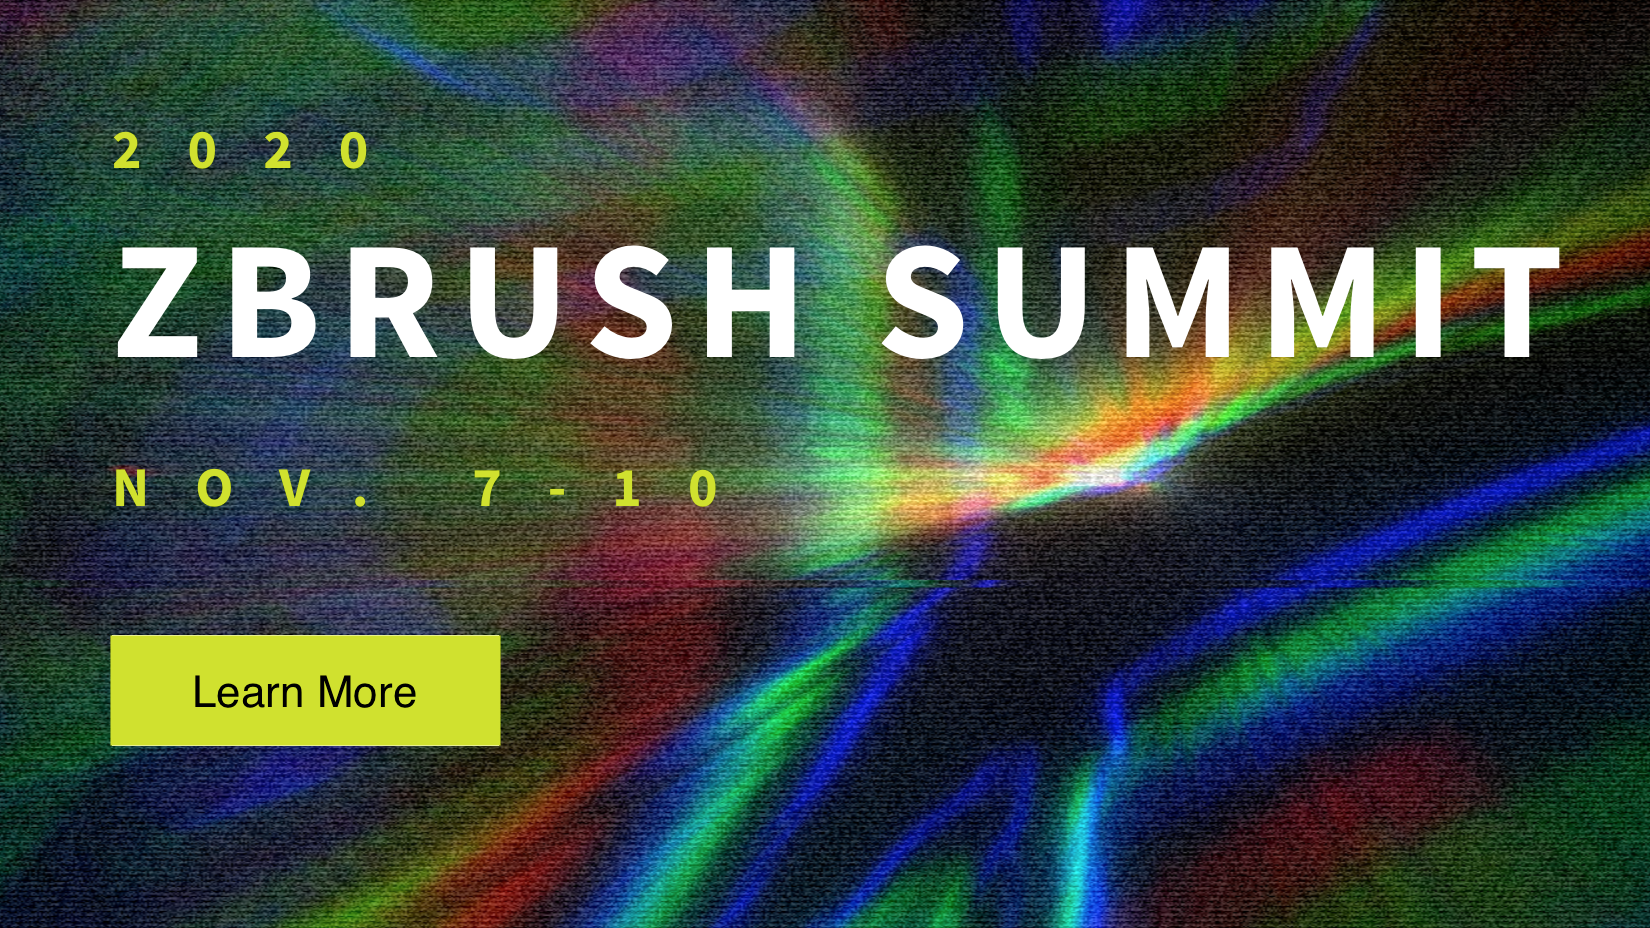 zbrush summit 2020